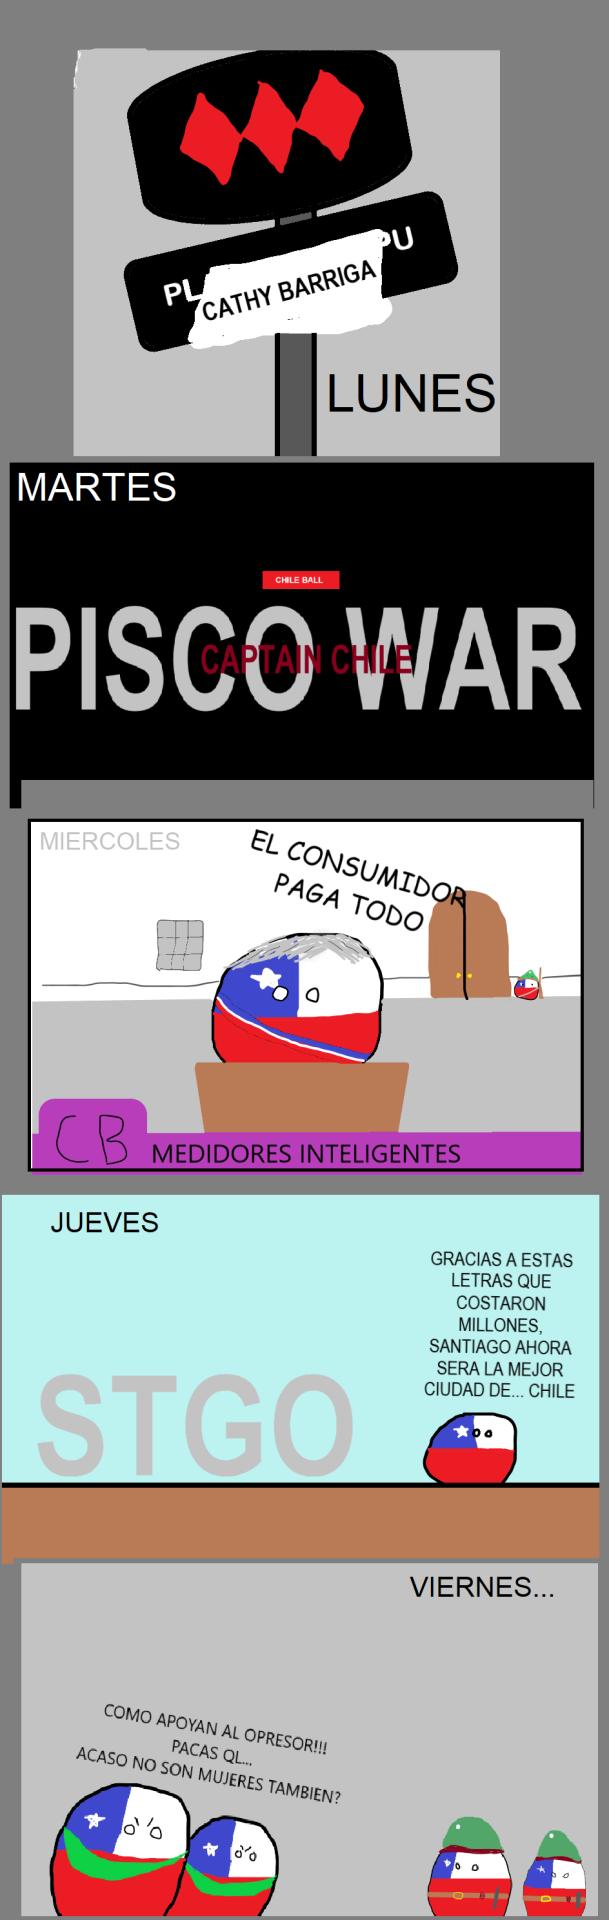 Los Hechos Mas Destacados De La Semana Tomese Con Humor Y Cierta Perspectiva Edward Memes Divertidos Memes El Humor